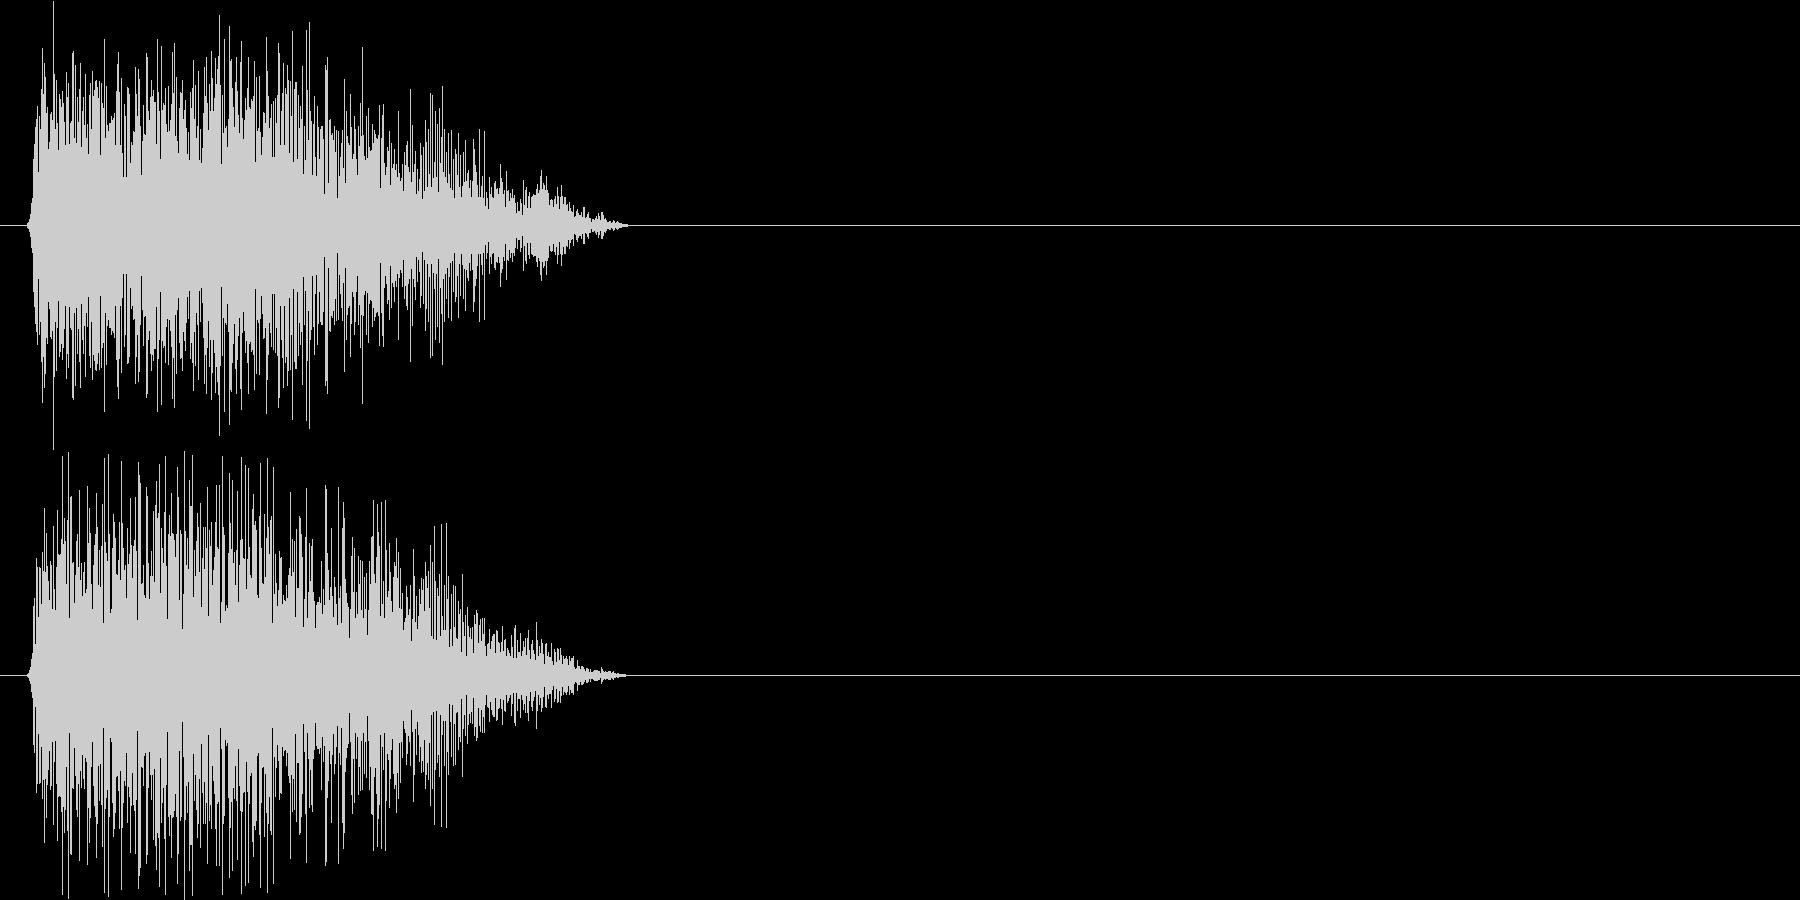 トゥーン!(ホーン系)の未再生の波形